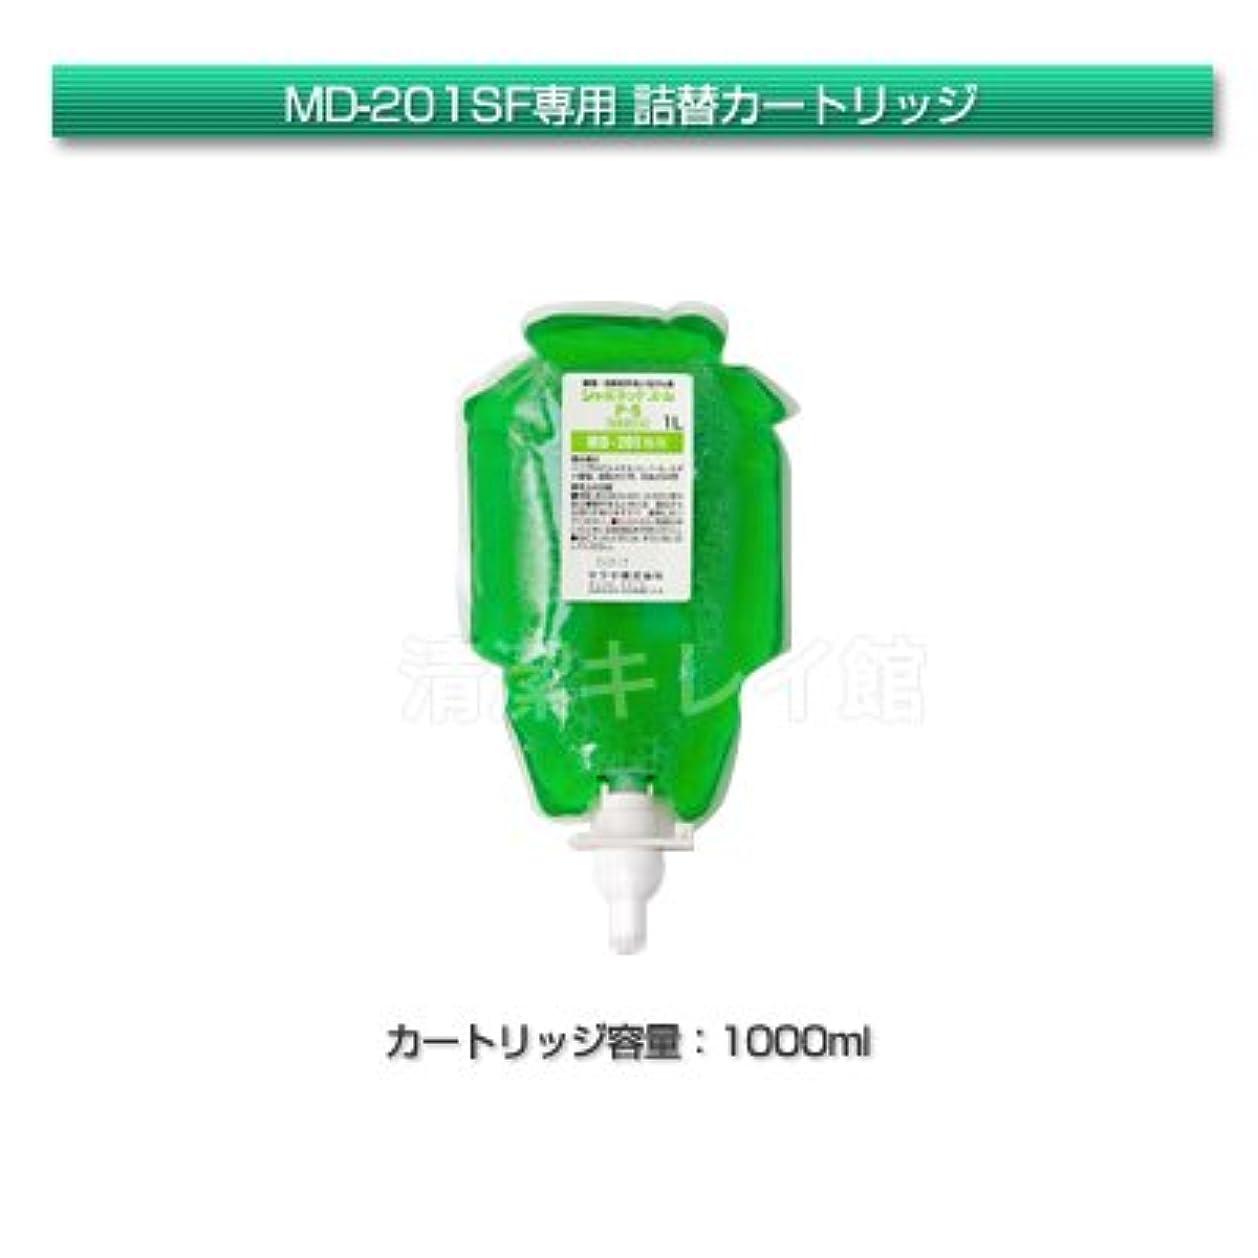 圧倒する蒸し器束サラヤ プッシュ式石鹸液 MD-201SF(泡)専用カートリッジ(ユムP-5)1000ml【清潔キレイ館】